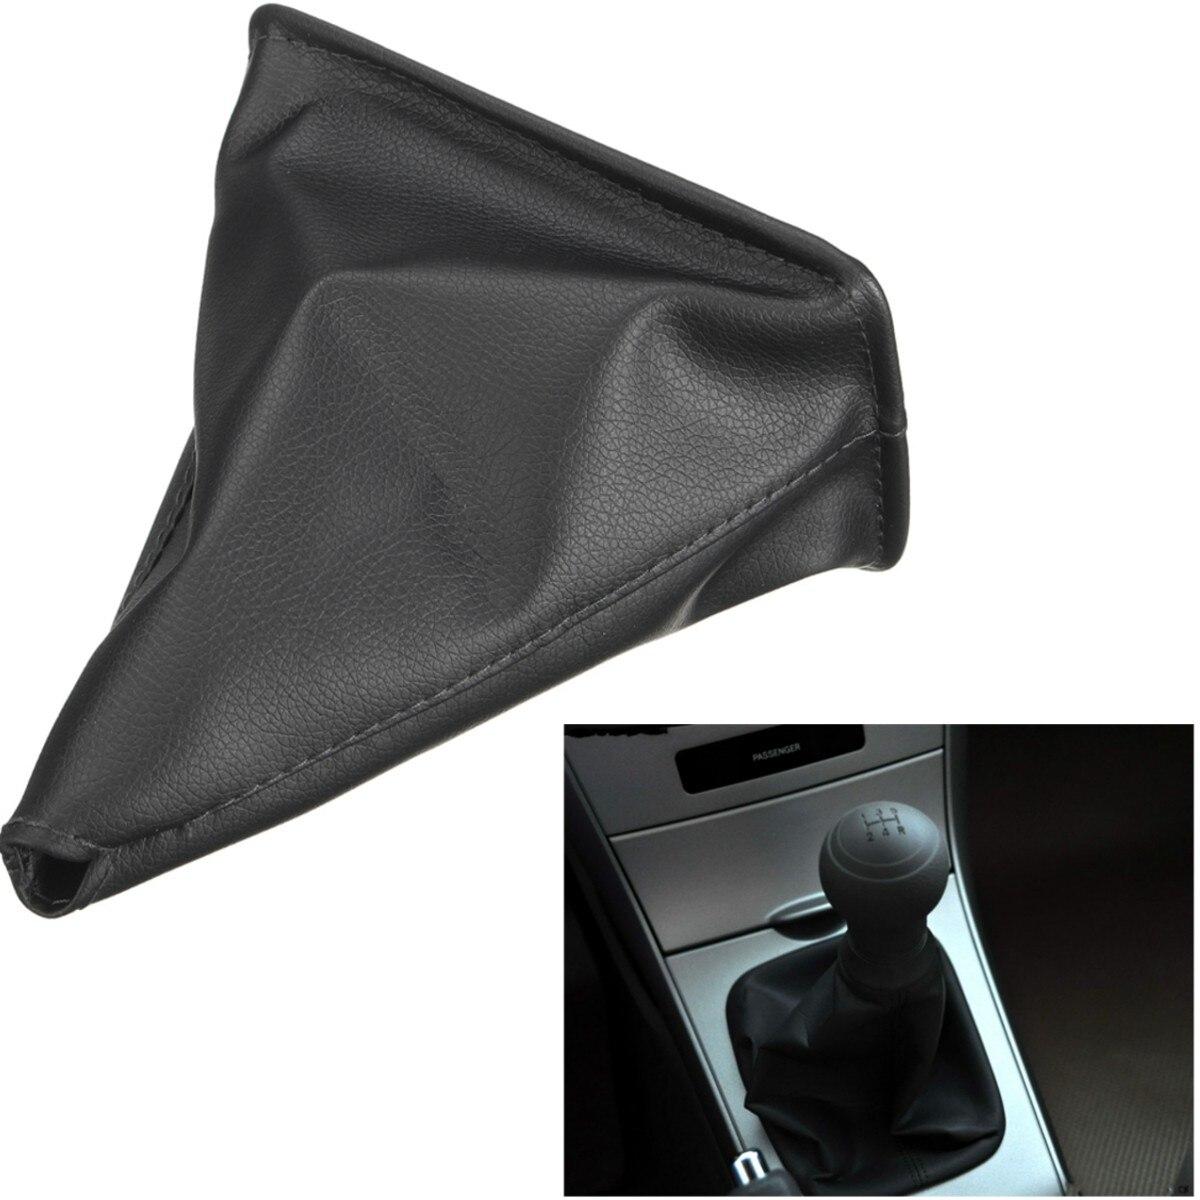 Cuir synthétique polyuréthane noir levier de vitesse changement Guêtre Botte Couverture Pour Toyota Corolla 1998 1999 2000 2001 2002 2003-2009 changement De vitesse colliers